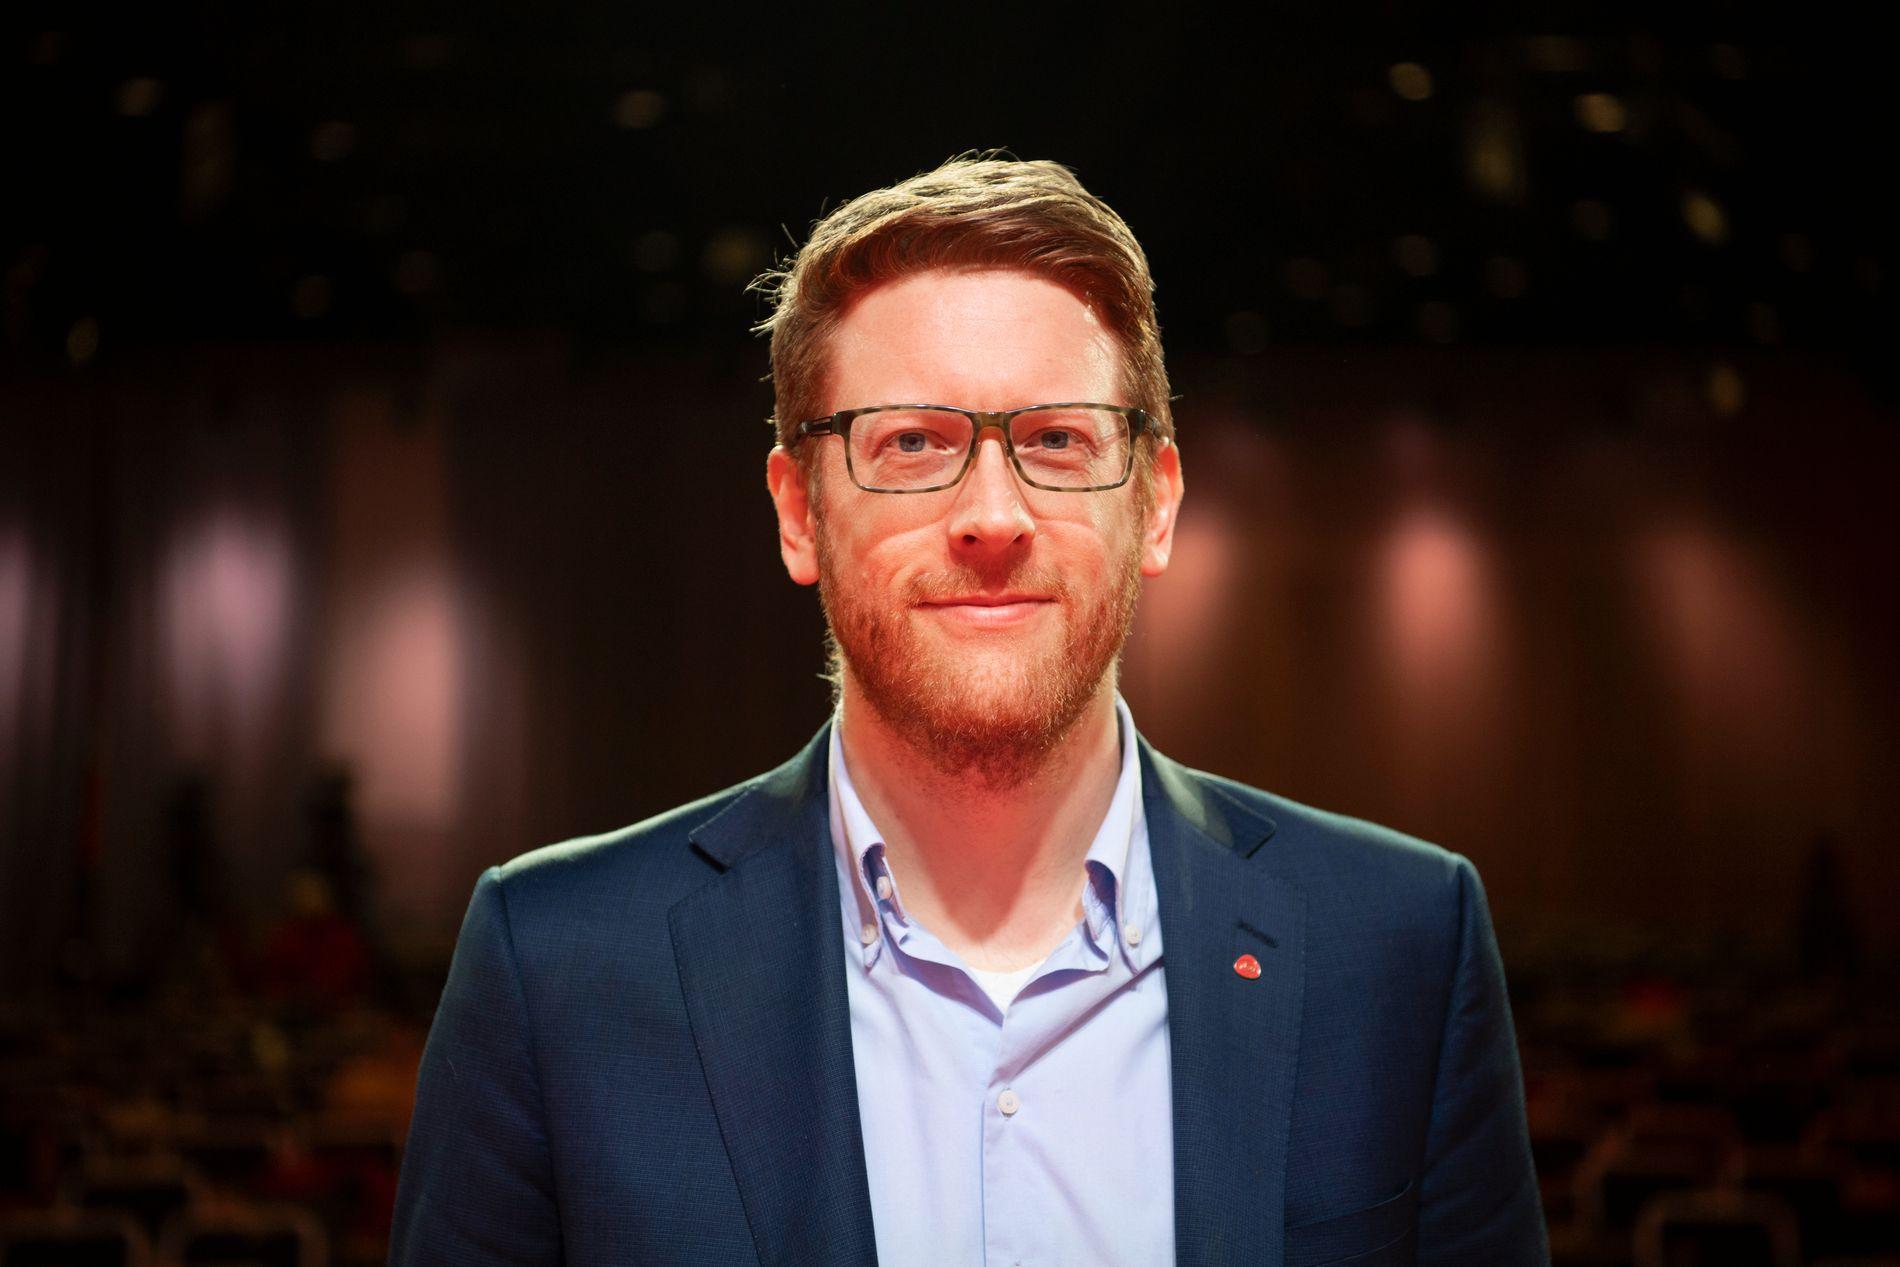 DELVIS FORNØYD: Arbeiderpartiets skolepolitiske talsperson Martin Henriksen